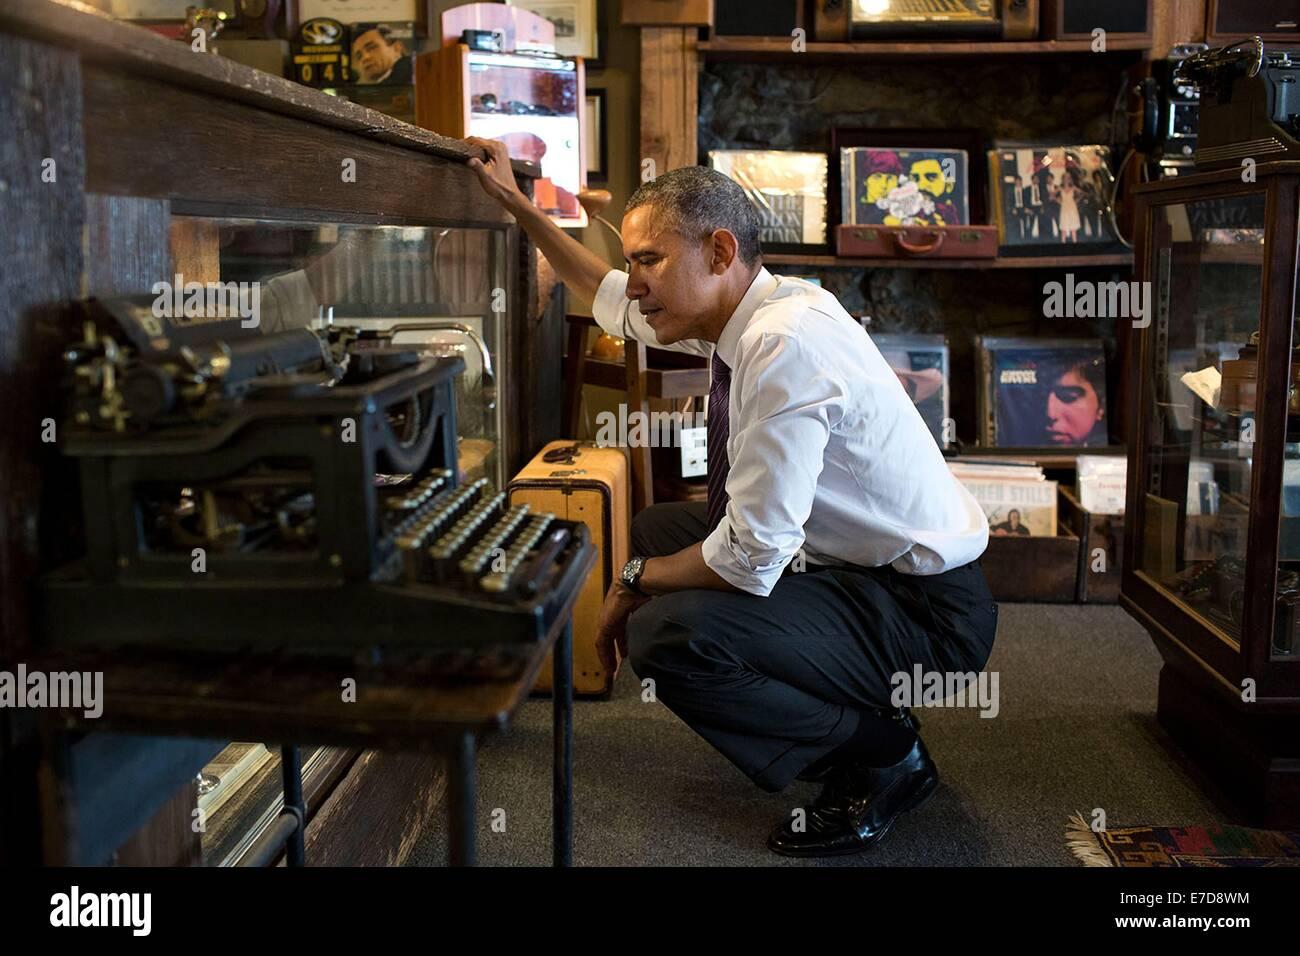 Le président américain Barack Obama a l'air par rapport aux marchandises dans une vitrine à refroidir Photo Stock